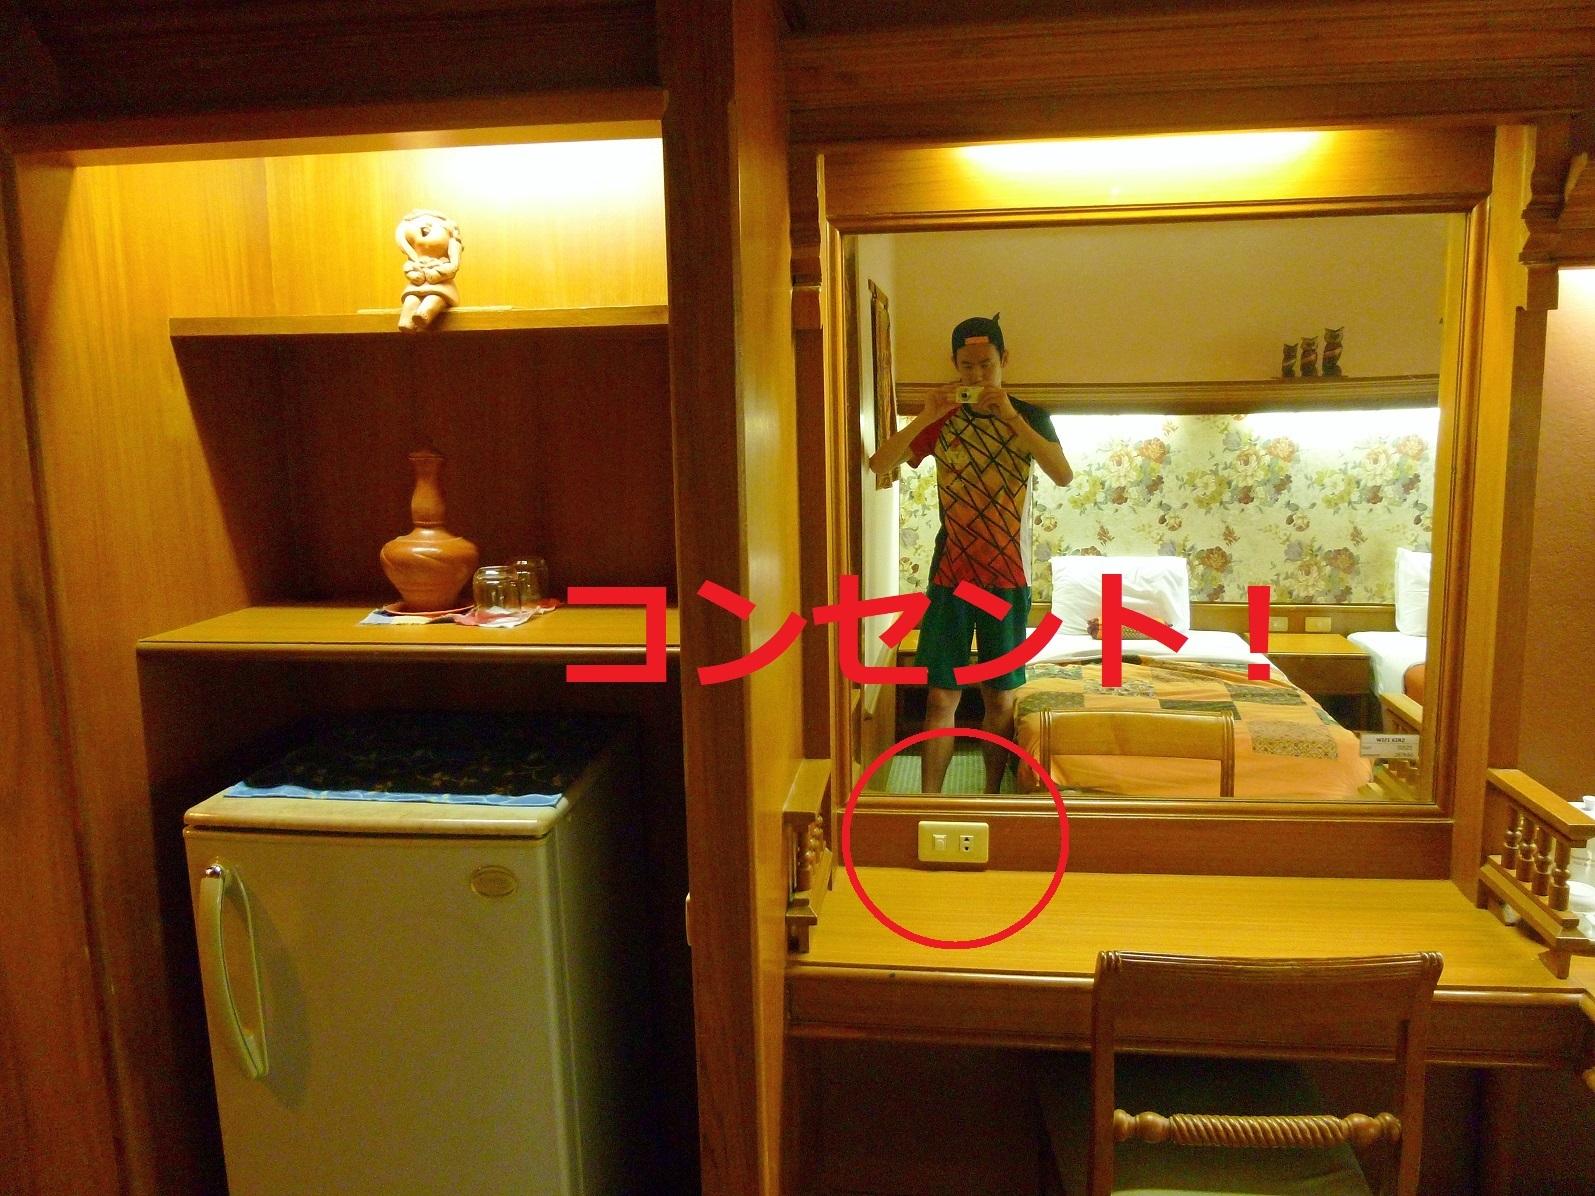 【チェンマイでおすすめ!】人気エリア・ニマンヘミンのノマドホテル4【安い&おしゃれ】